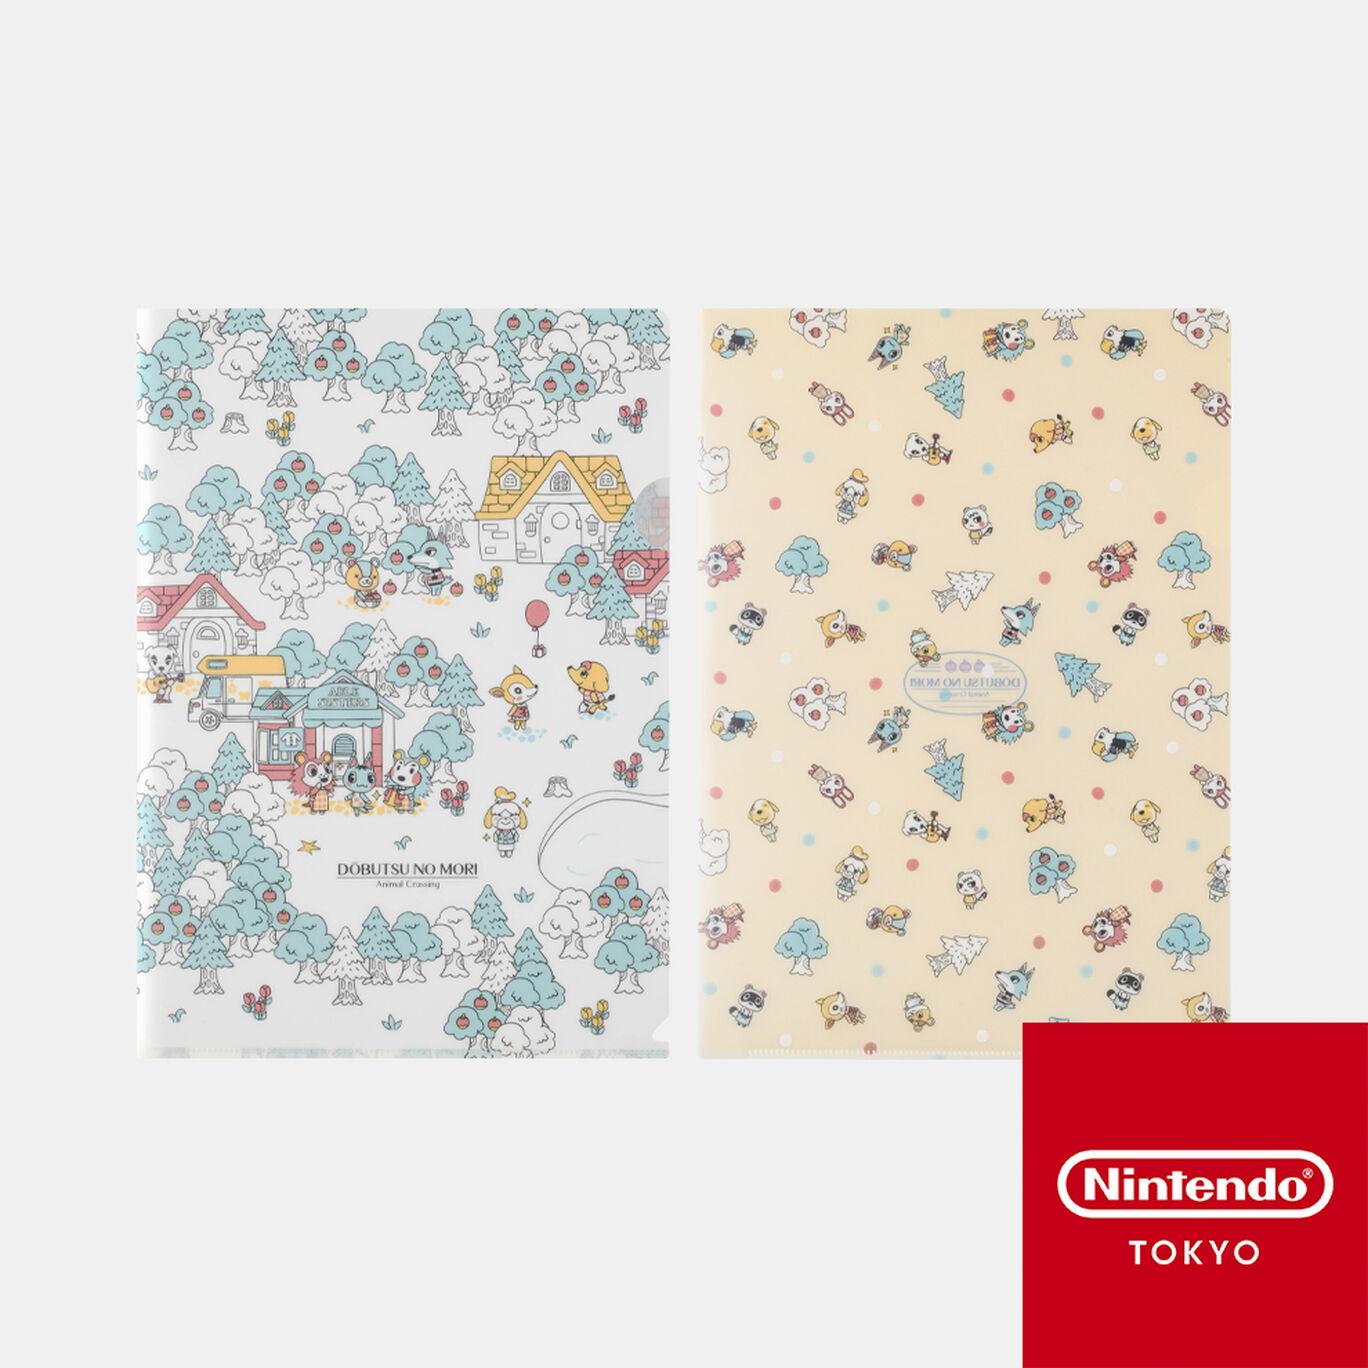 クリアファイル 2枚セット どうぶつの森【Nintendo TOKYO取り扱い商品】